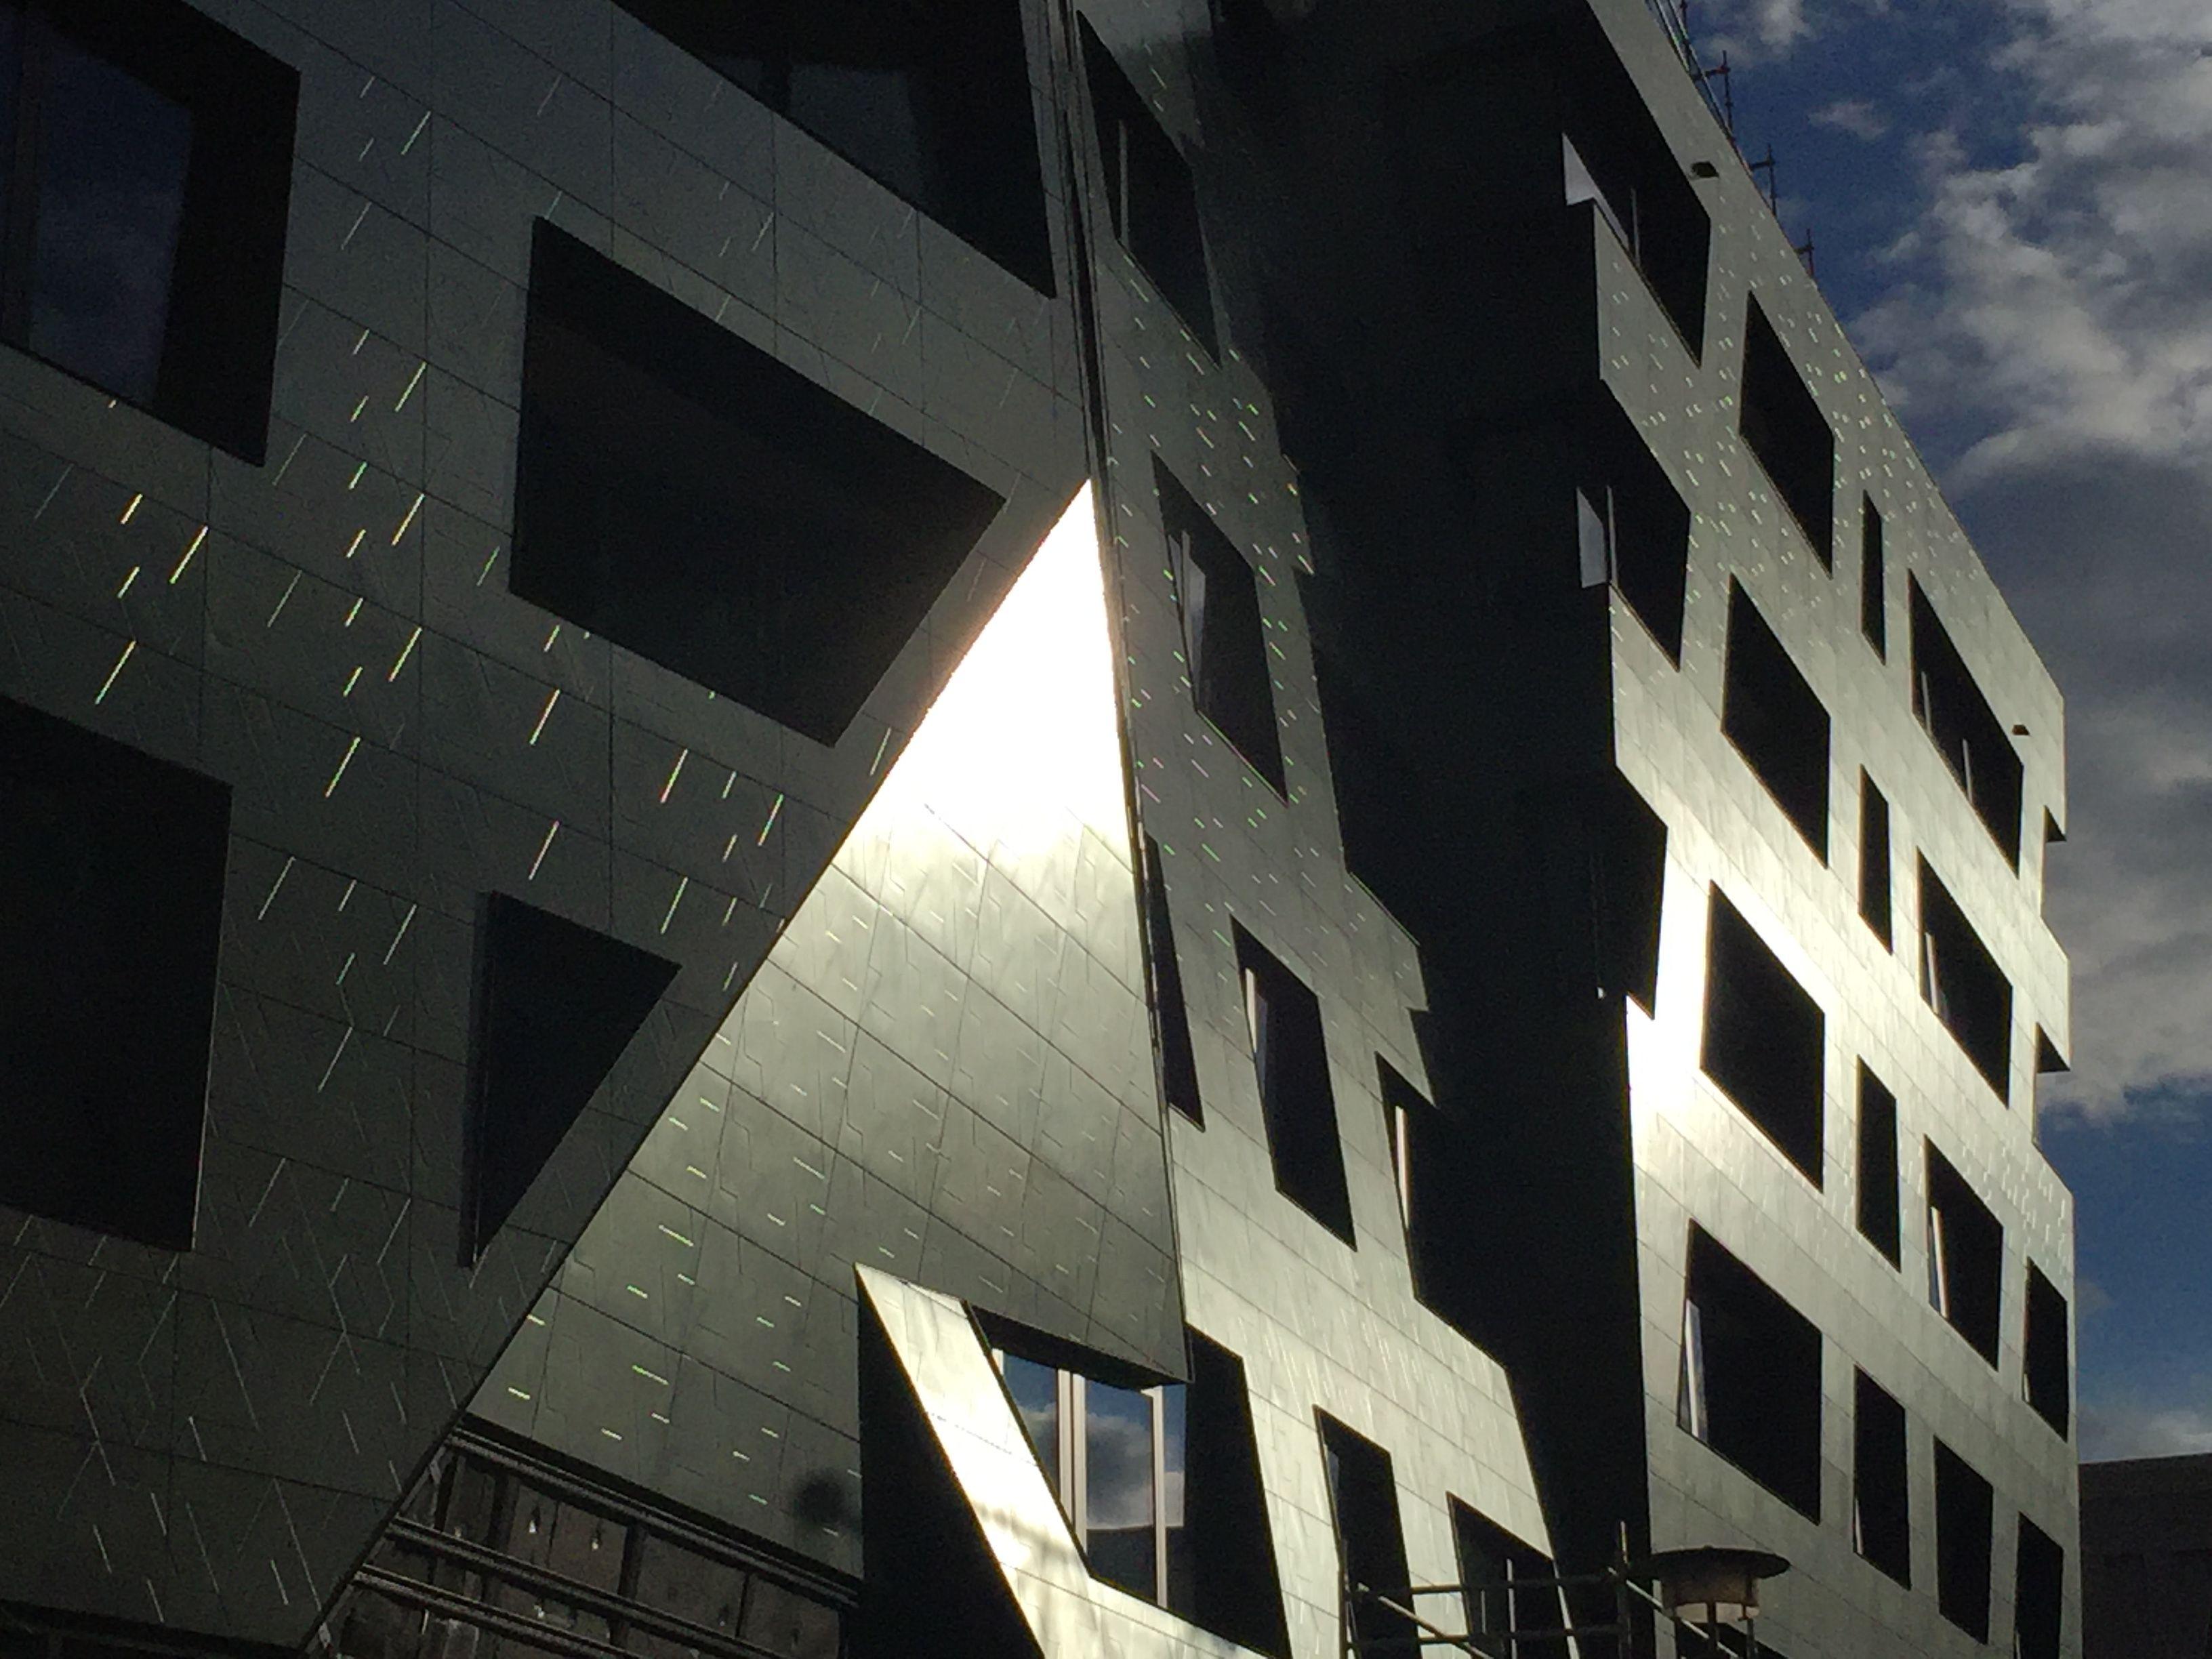 Fliesenausstellung Berlin die mit titan fliesen versehene fassade vom sapphire erstrahlt in